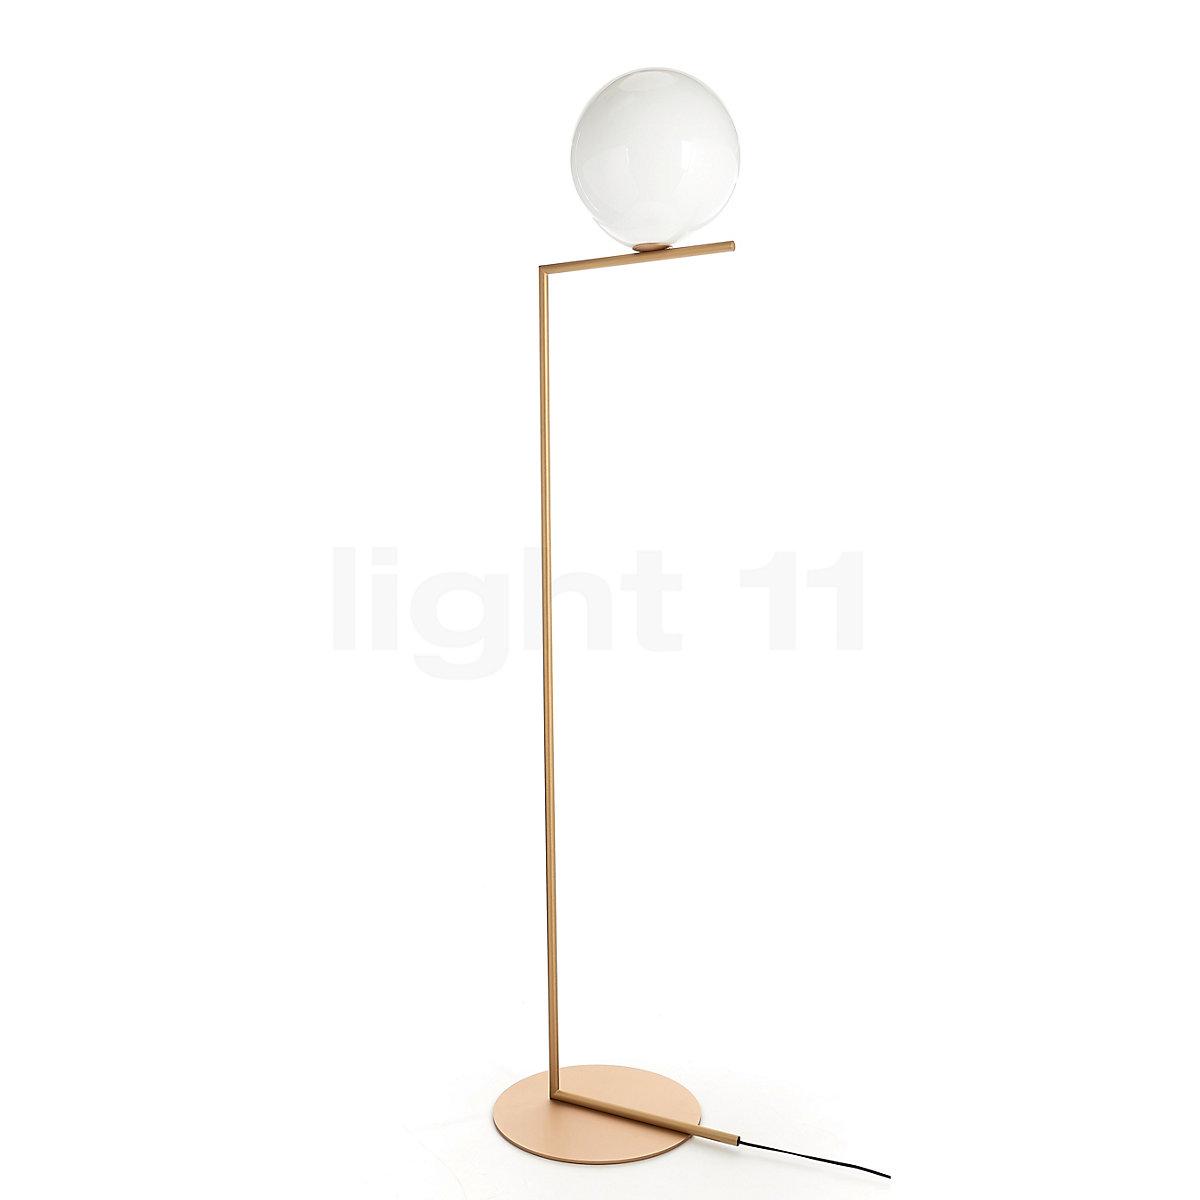 Buy Flos Ic Lights F2 At Light11 Eu